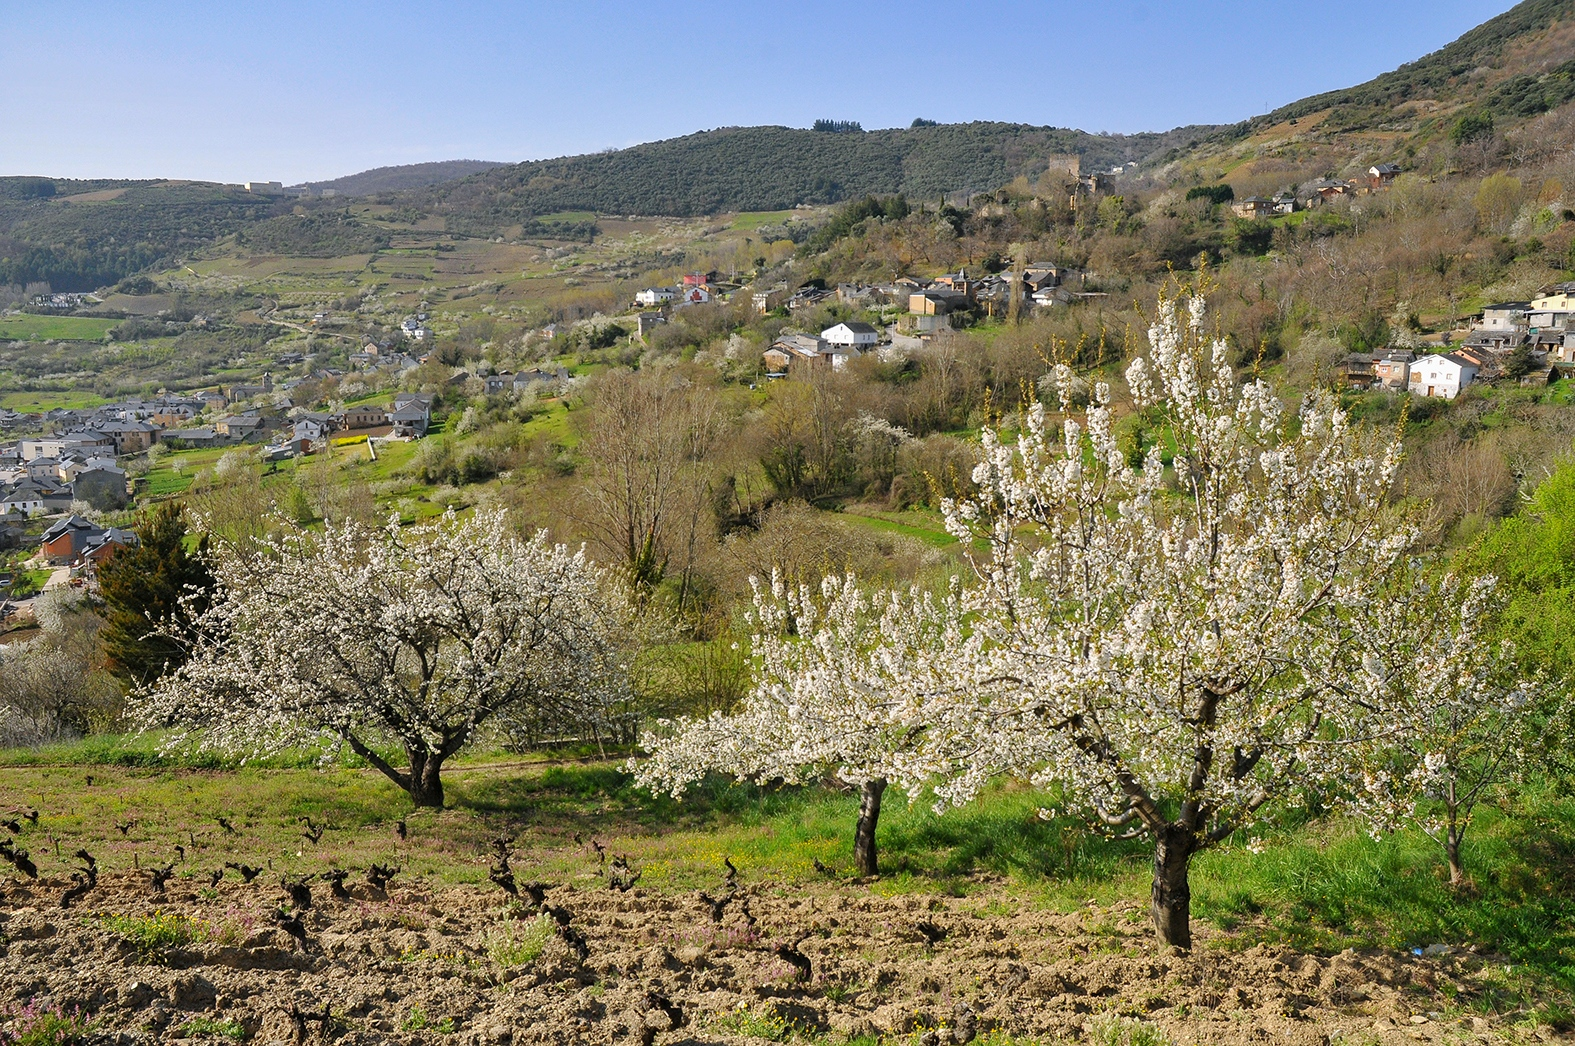 Corullón celebra la espectacular floración de sus cerezos con rutas de senderismo a partir de este fin de semana 1